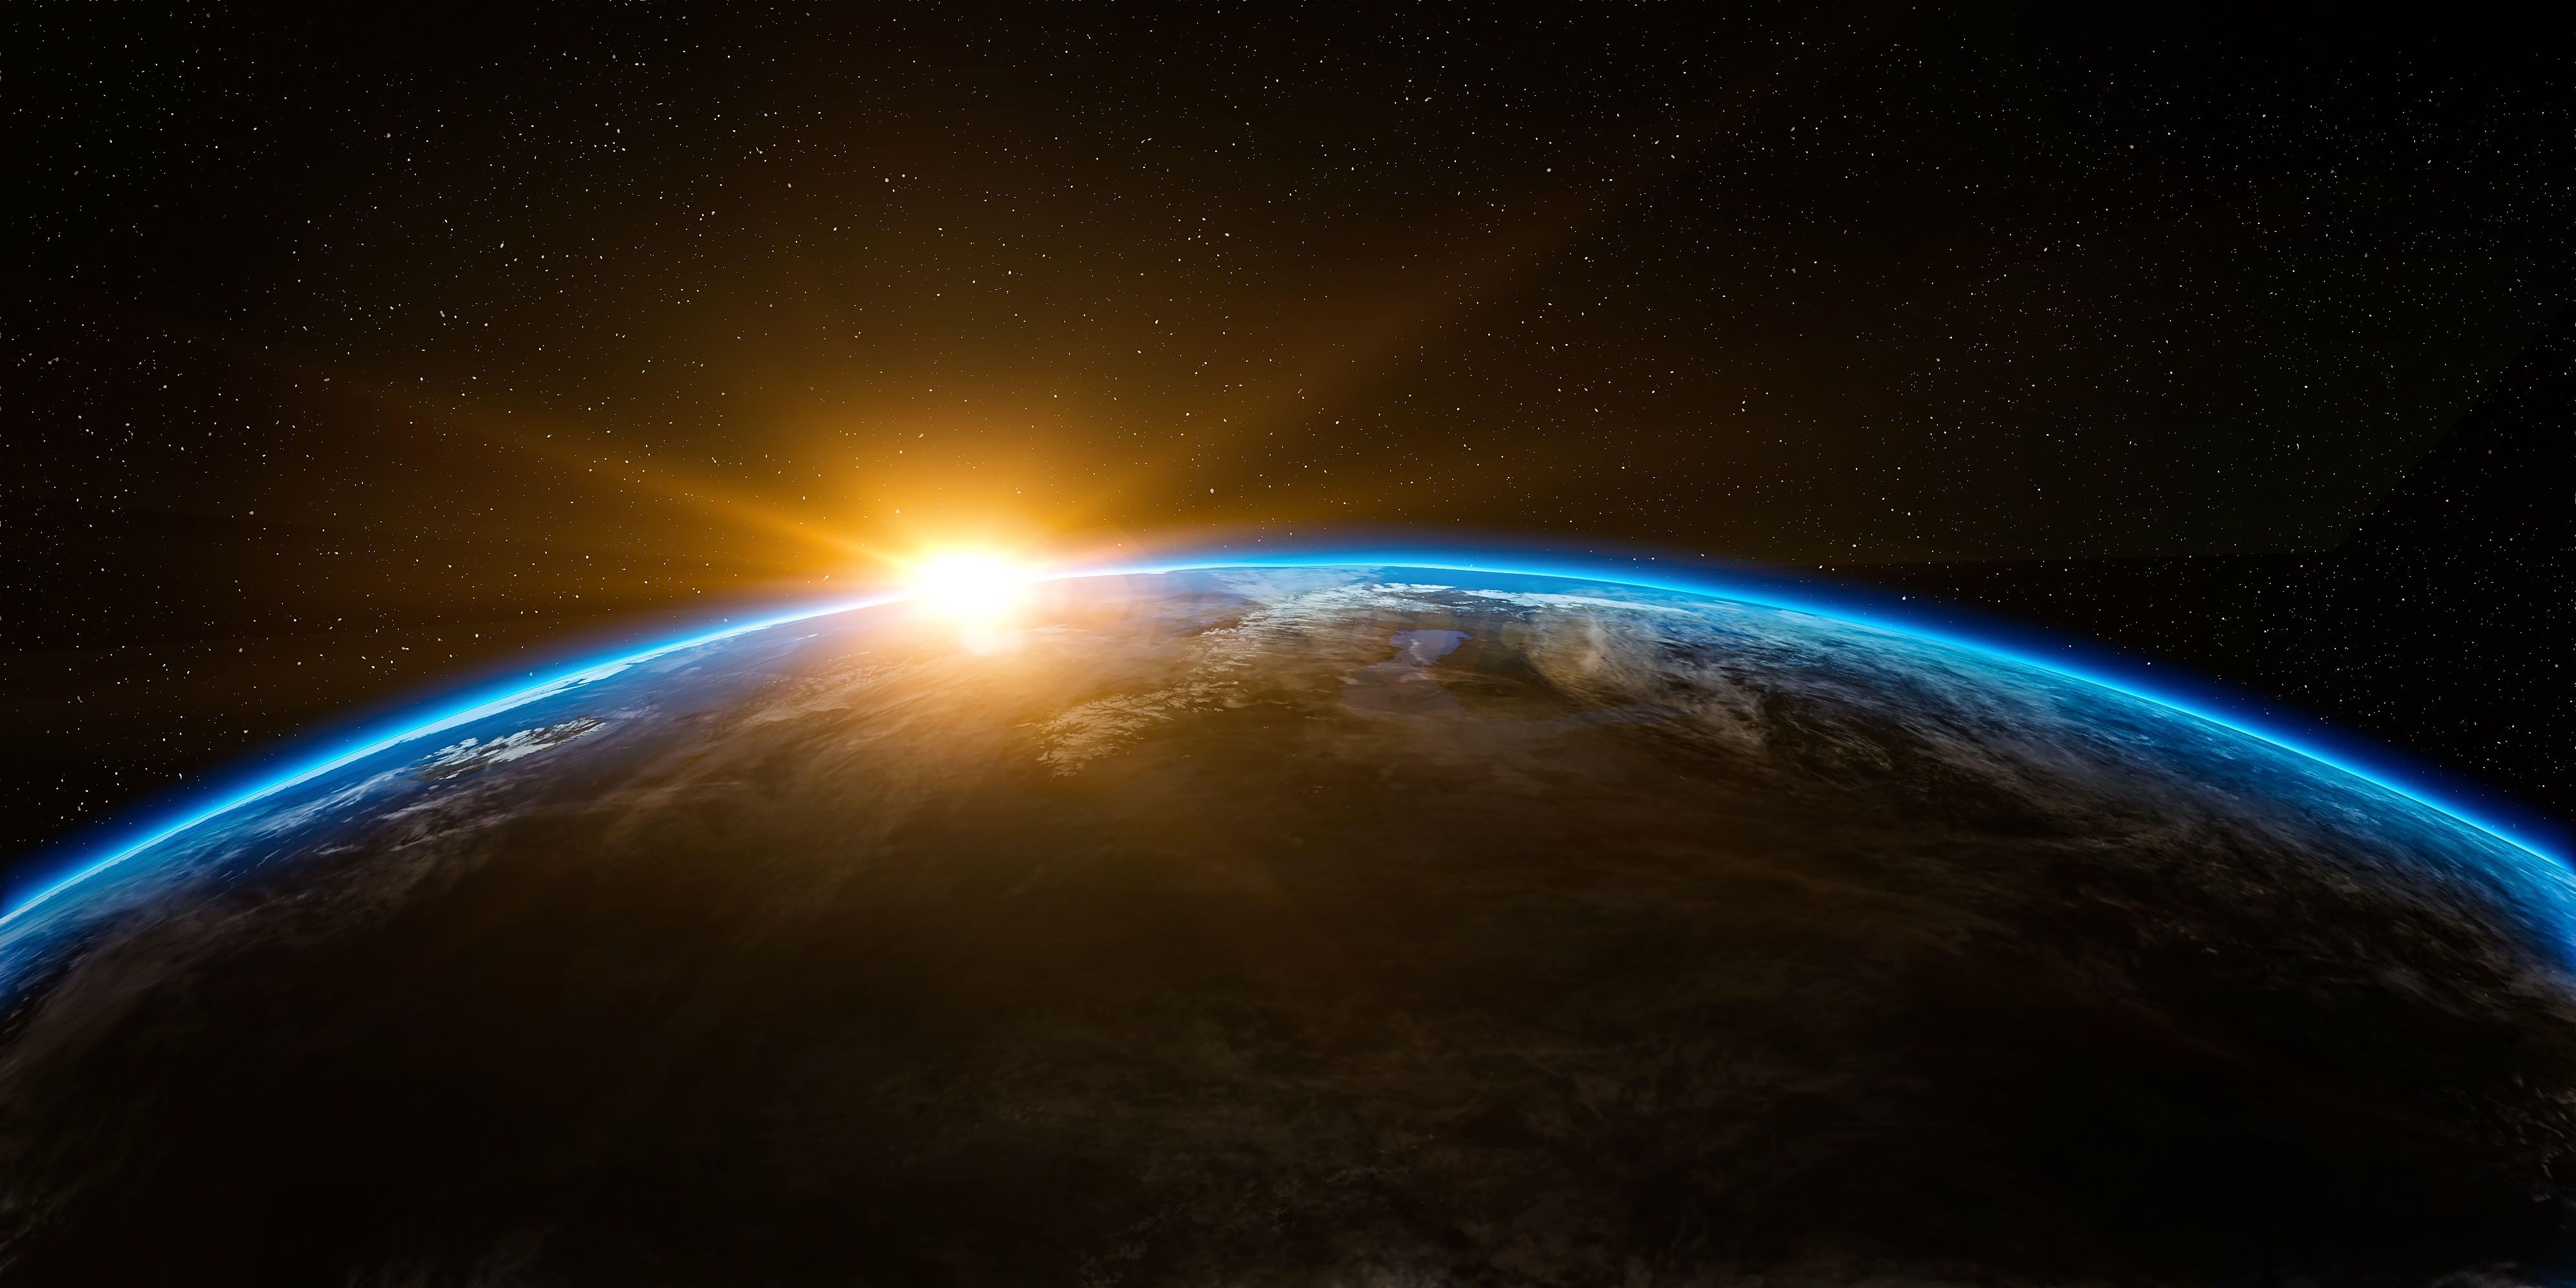 « Le monde d'après existe, il a 3,8 milliards d'années » Alain Renaudin